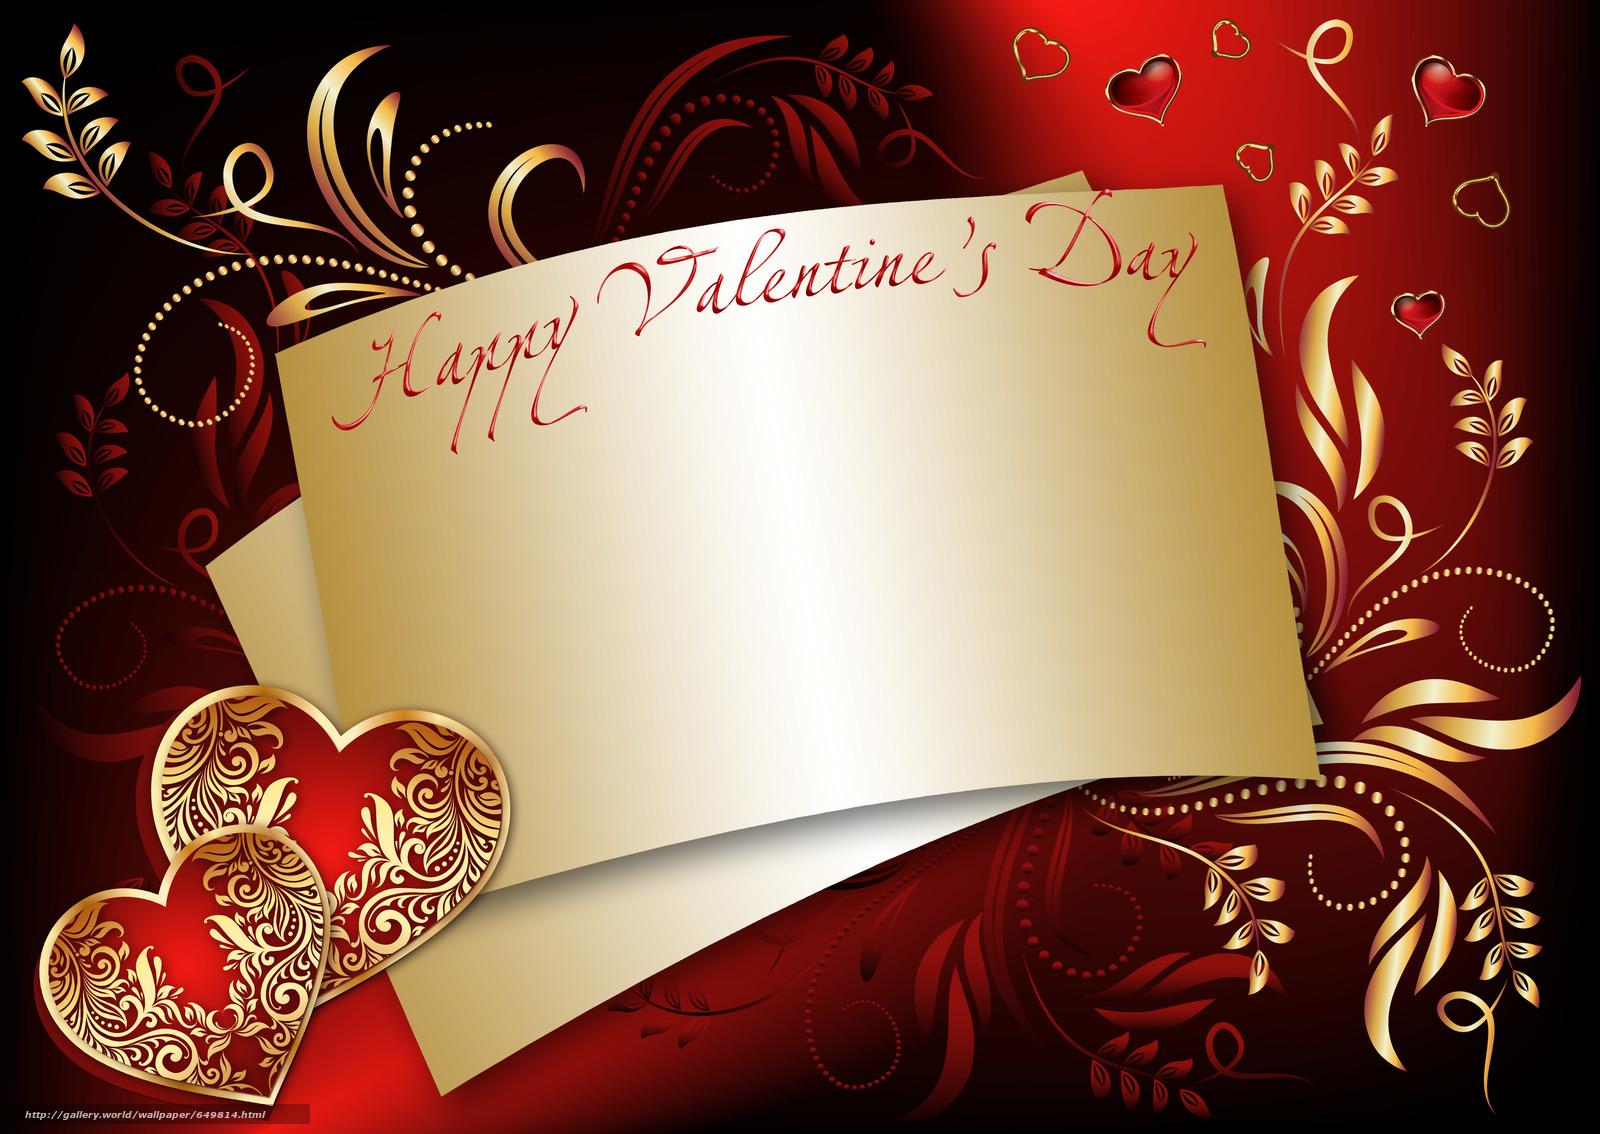 Скачать обои Валентинки,  Валентинка,  День святого Валентина,  день влюблённых бесплатно для рабочего стола в разрешении 5900x4180 — картинка №649814